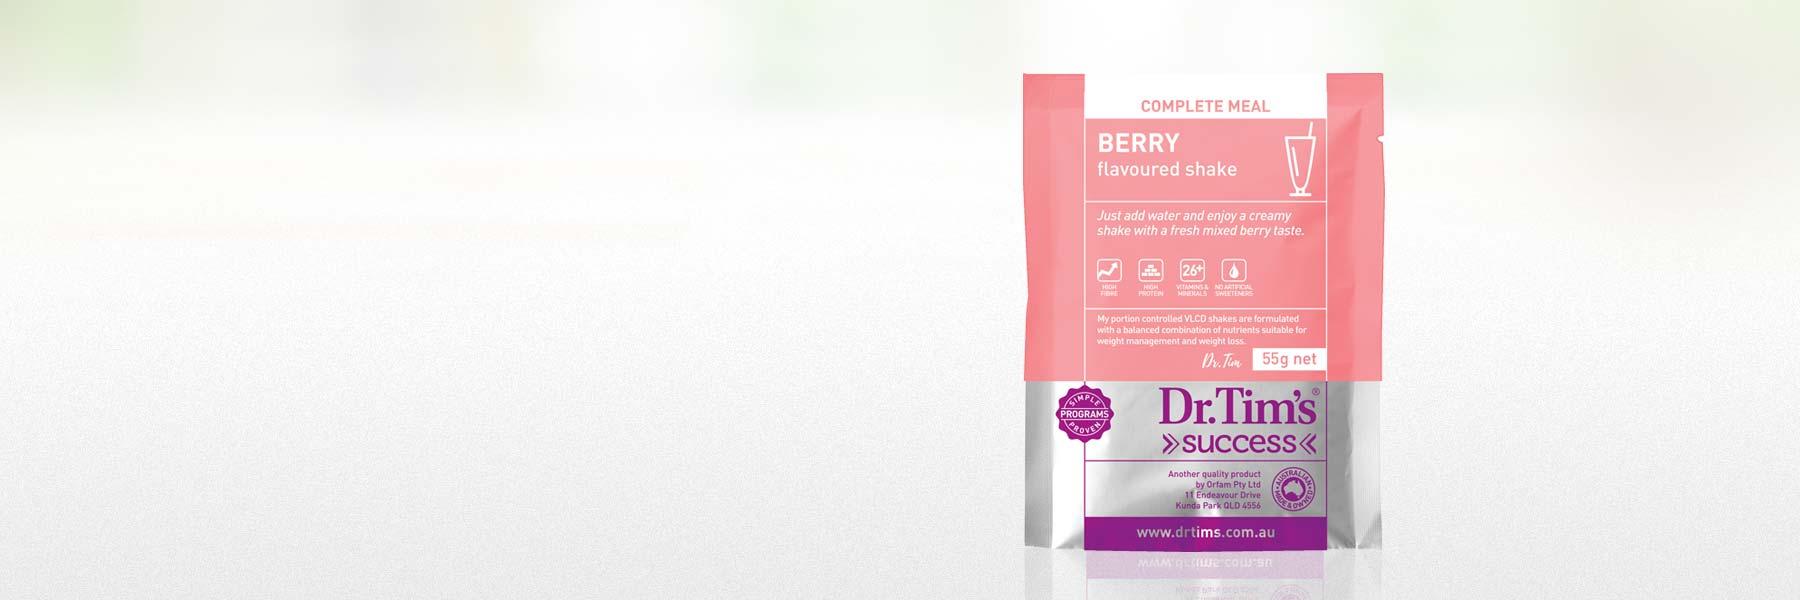 DrTims-Shake-Sachets-Berry-2-hero